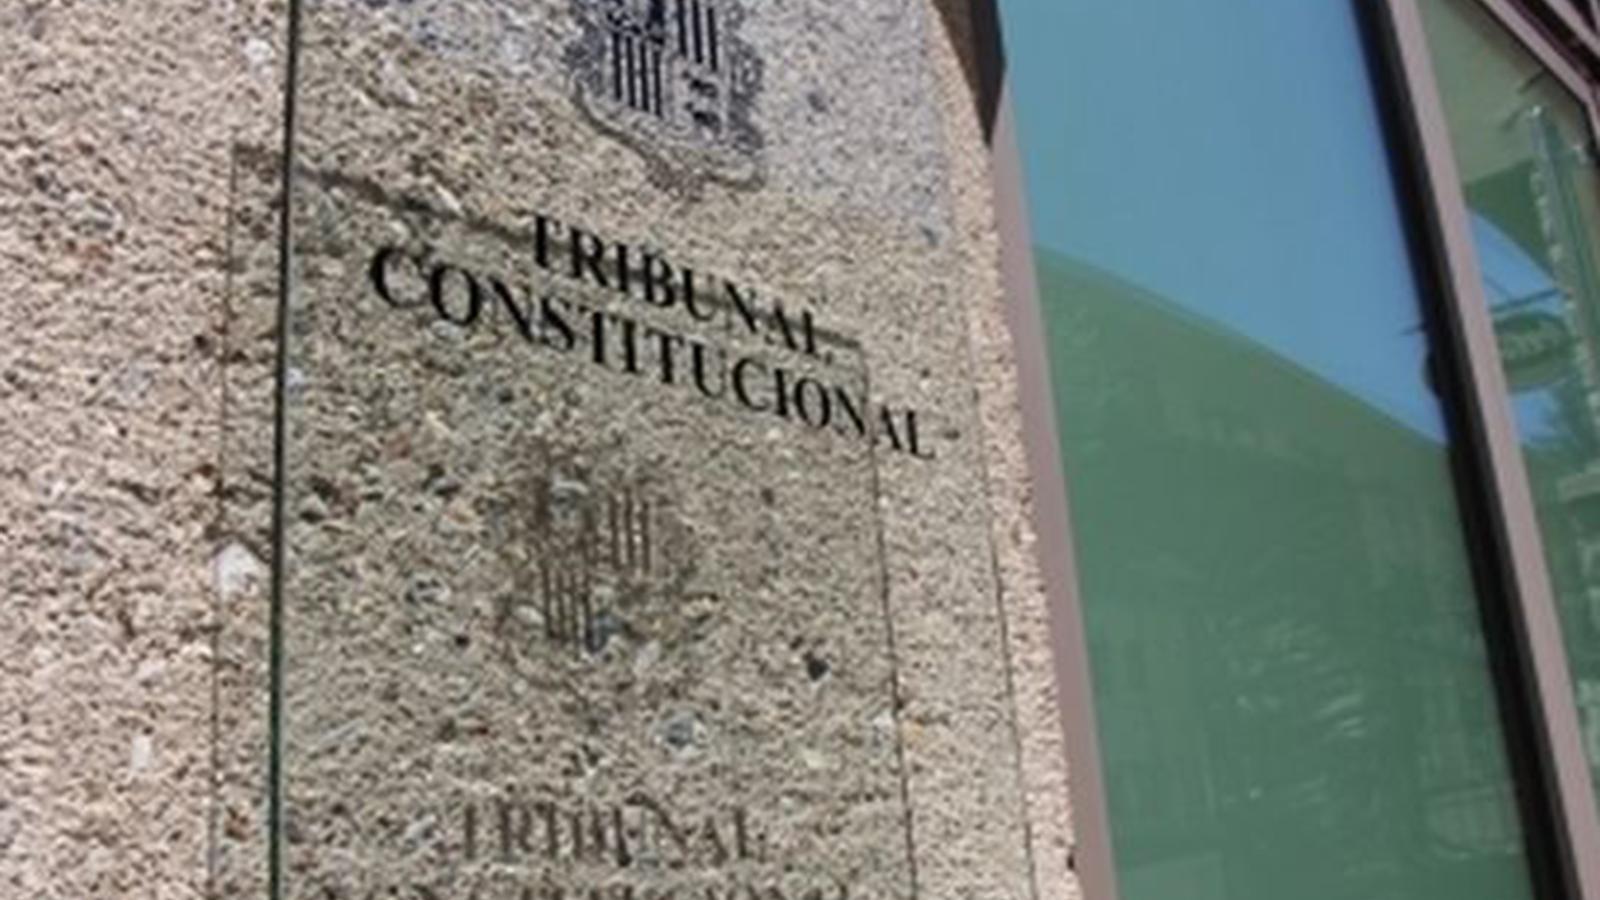 Seu del Tribunal Constitucional. / ARXIU